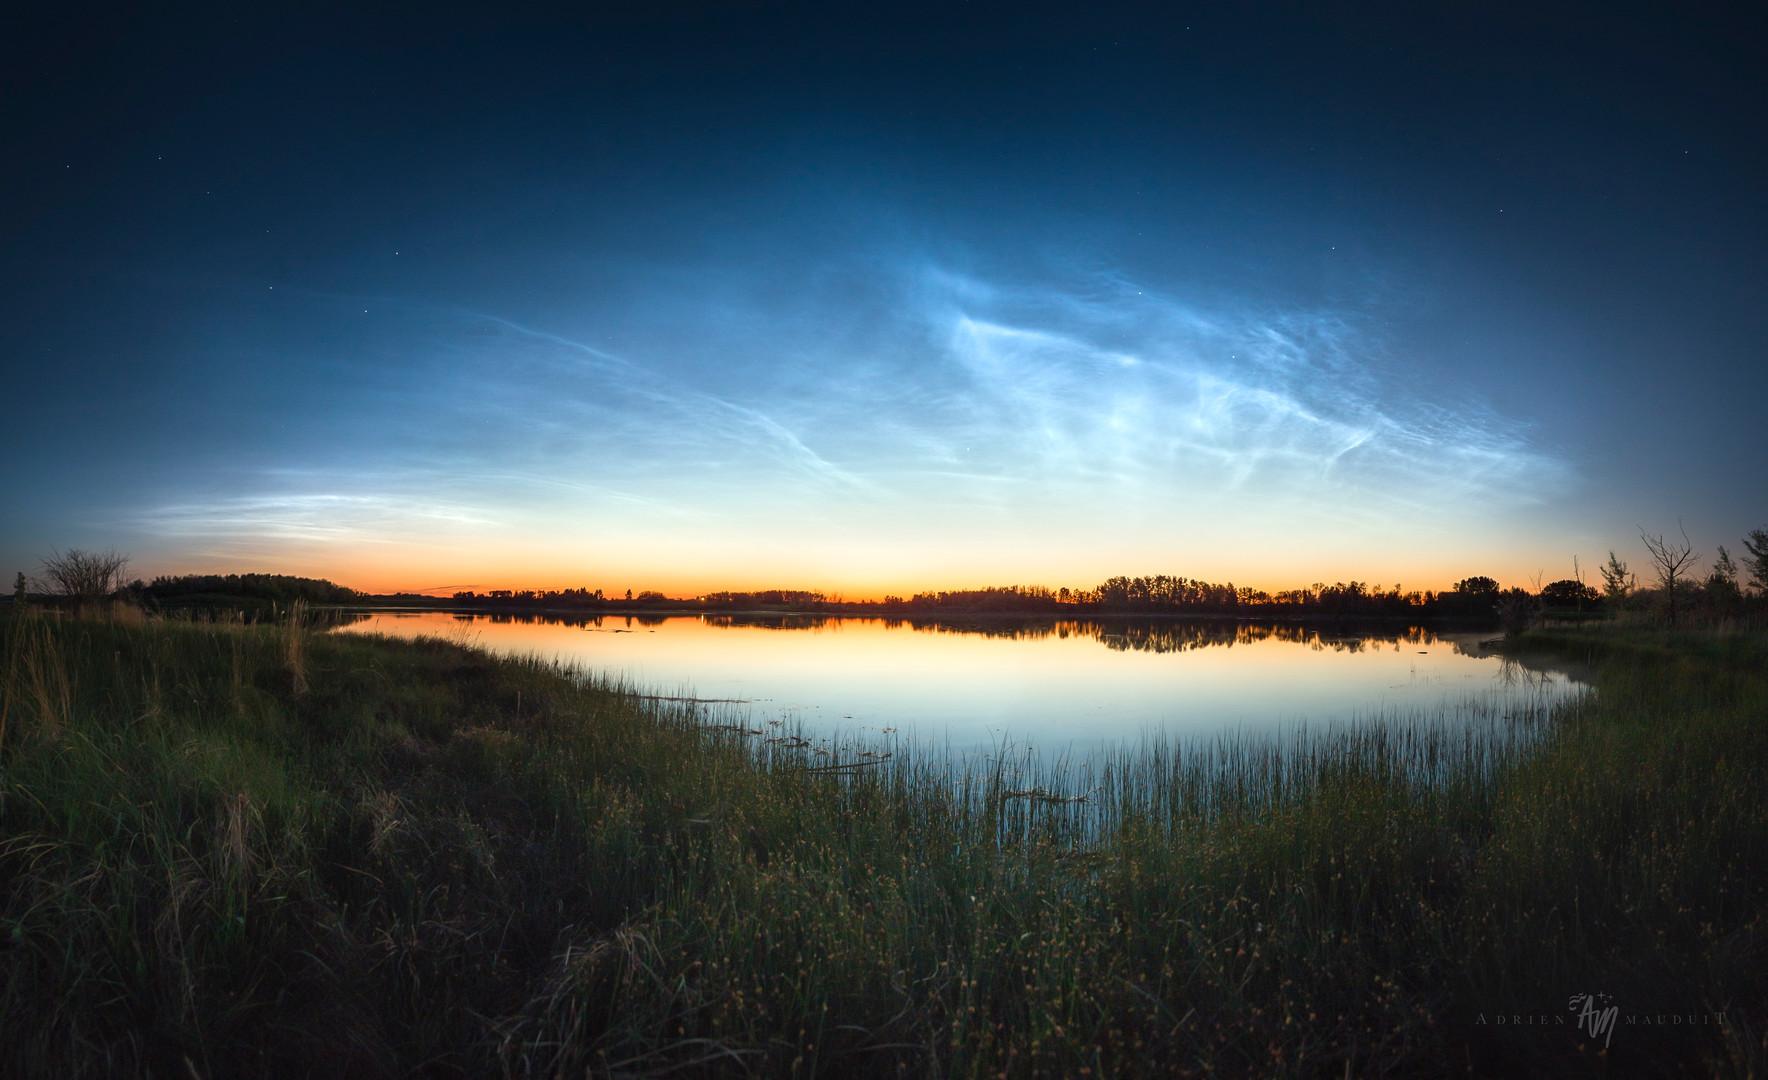 Canadian noctilucent clouds